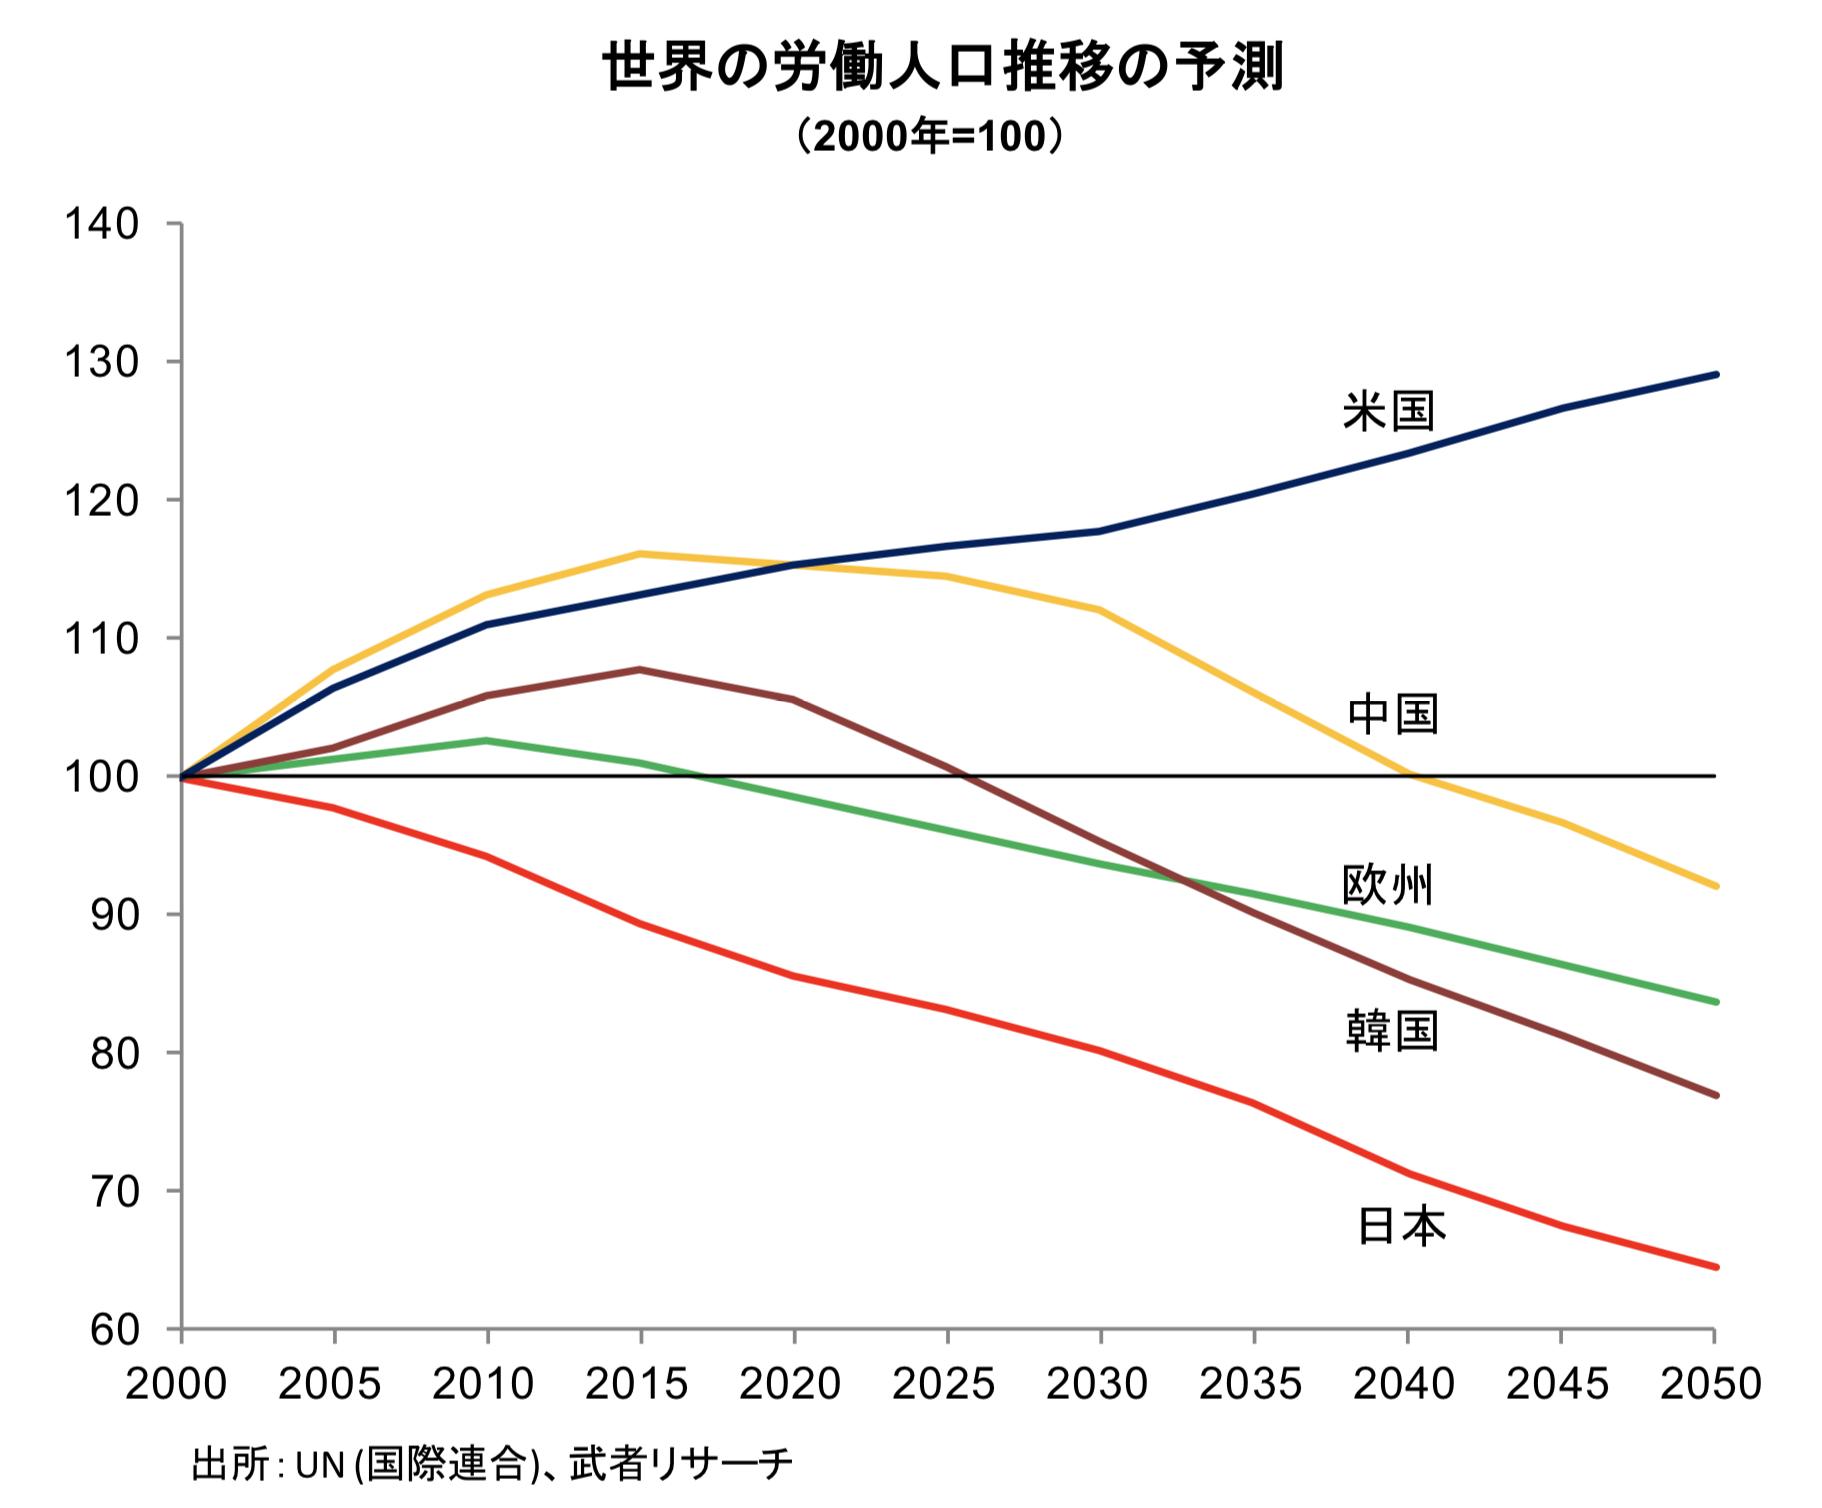 日米中の労働人口の推移